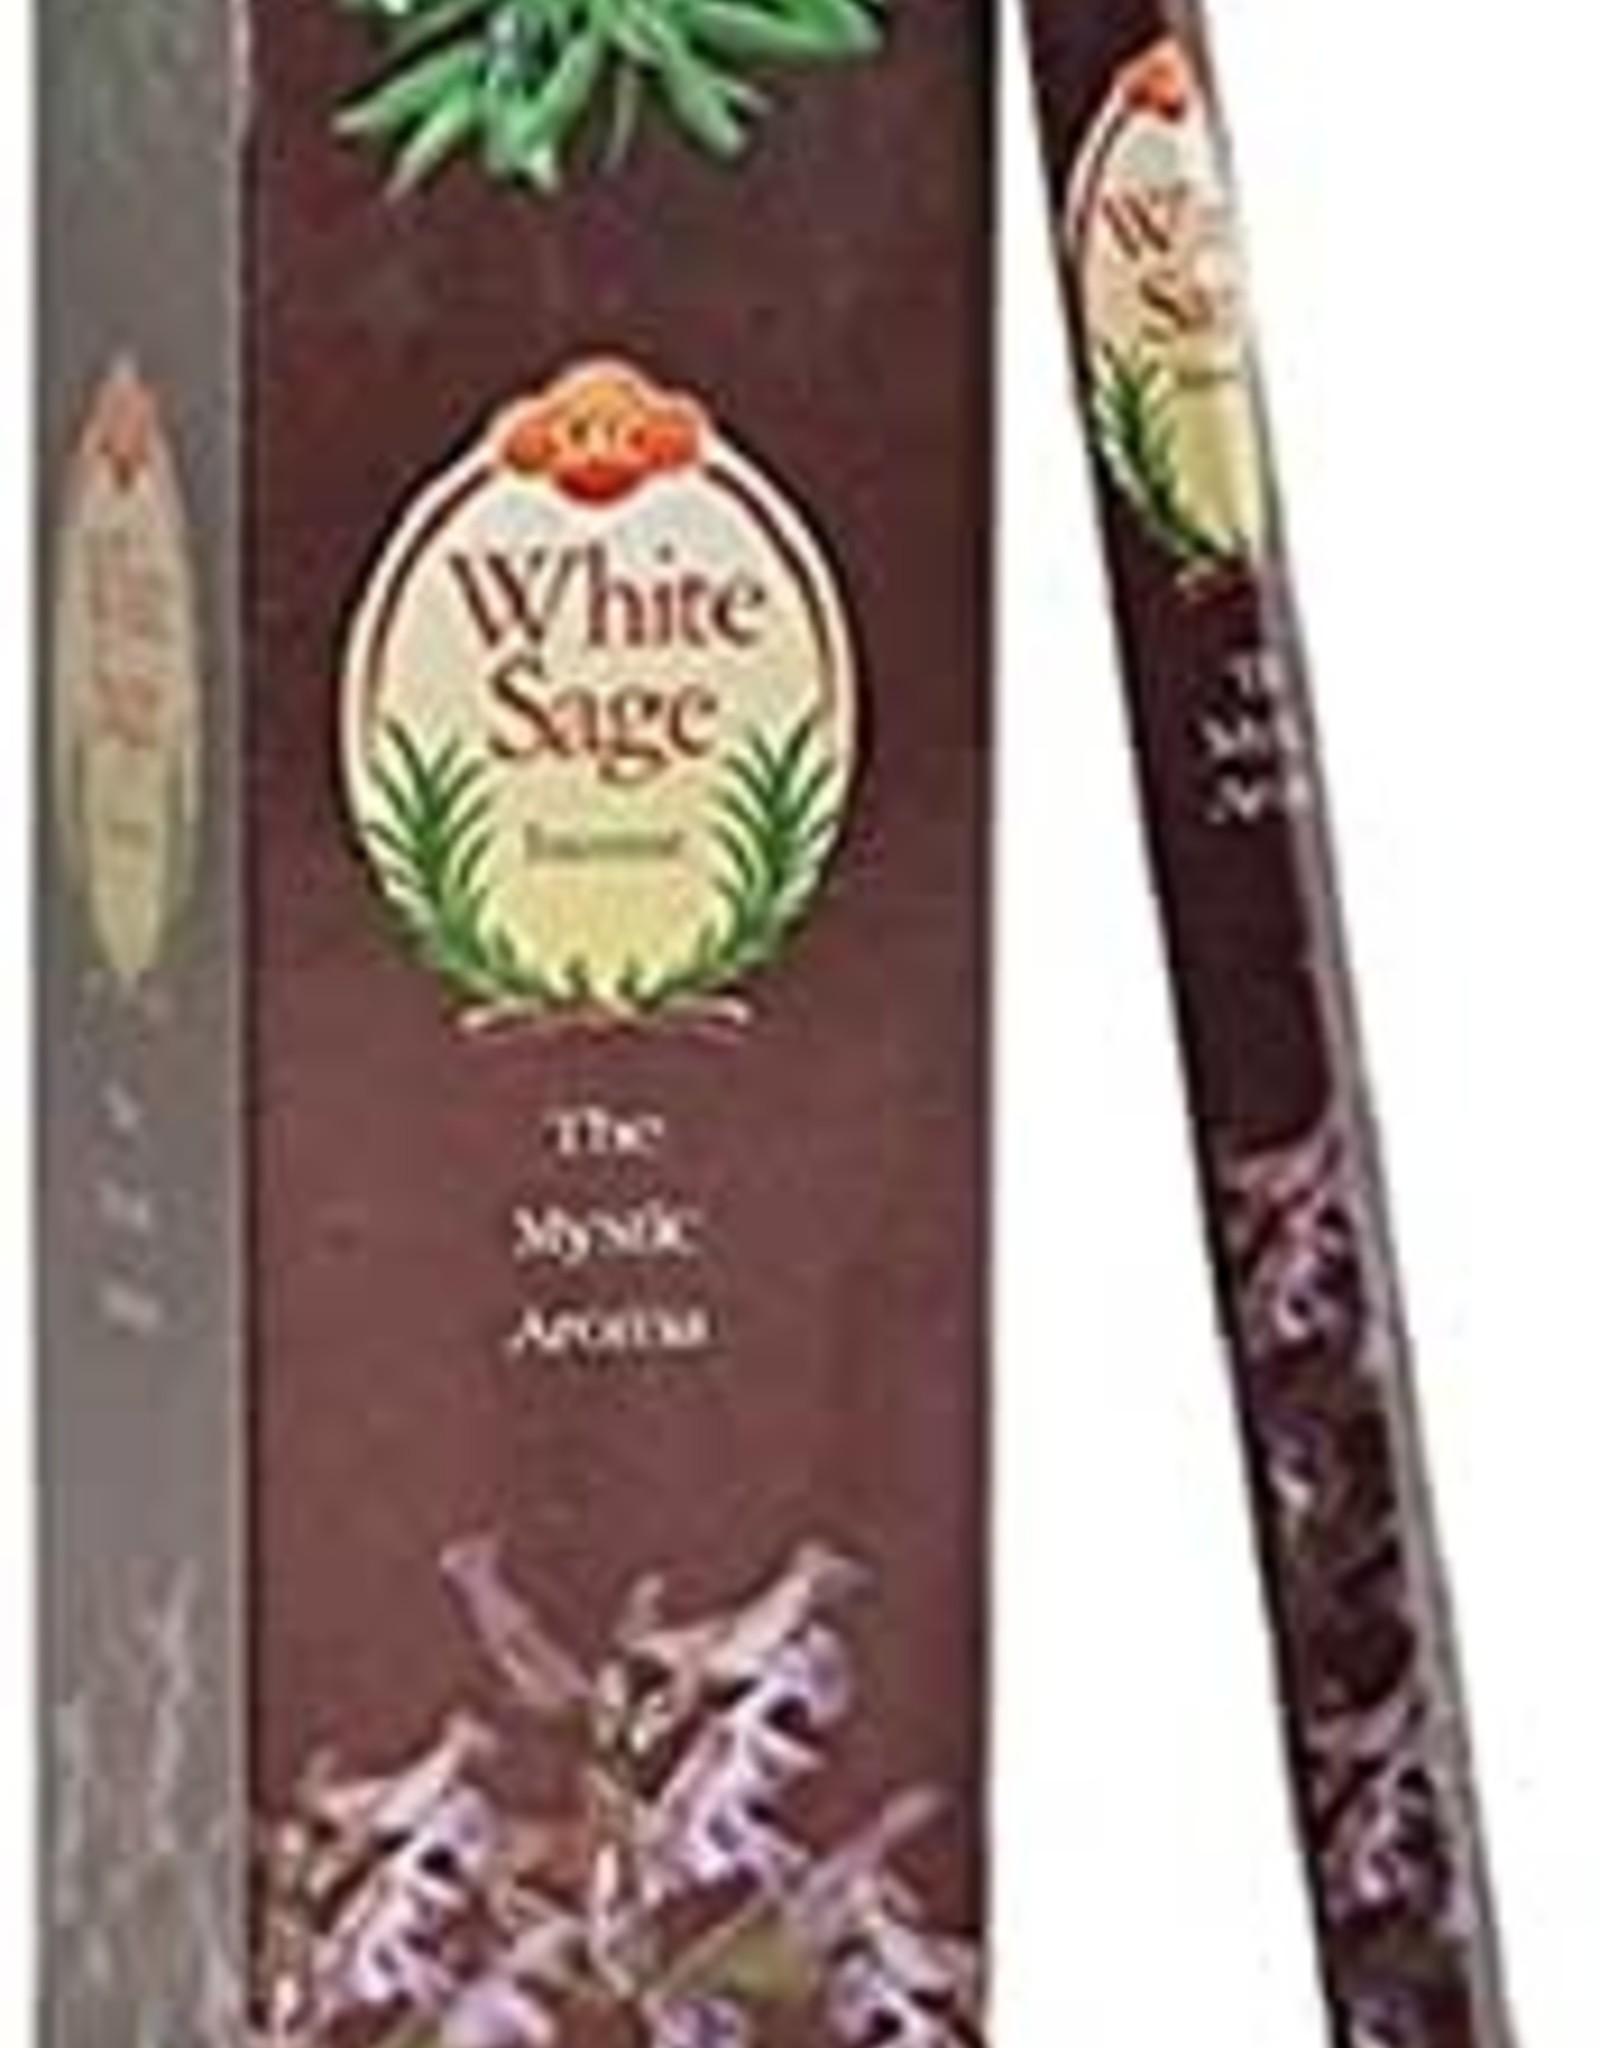 White Sage Incense SAC